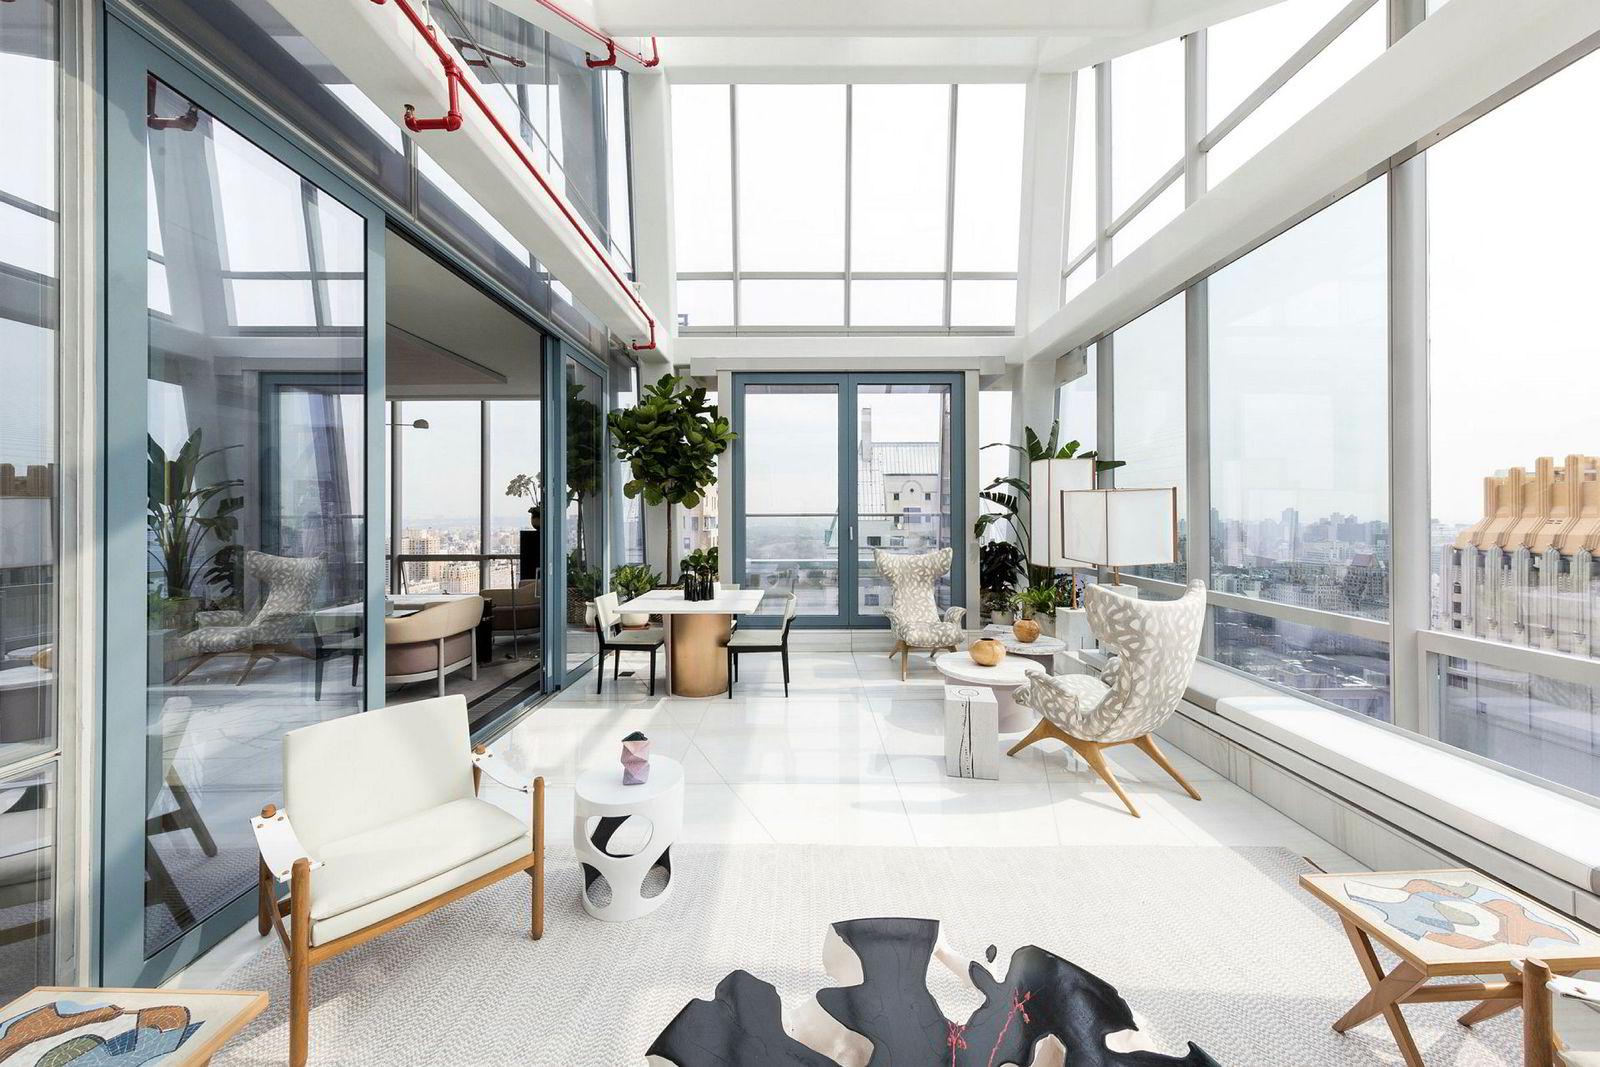 Slik ser det ut i den innglassede verandaen i 41. etasje i One57-bygget, som ligger i samme strøk som JDS Developements utbyggingsprosjekt. Her kjøpte Michael Dell New Yorks dyreste eiendom i 2015, til en pris på rundt én milliard norske kroner.